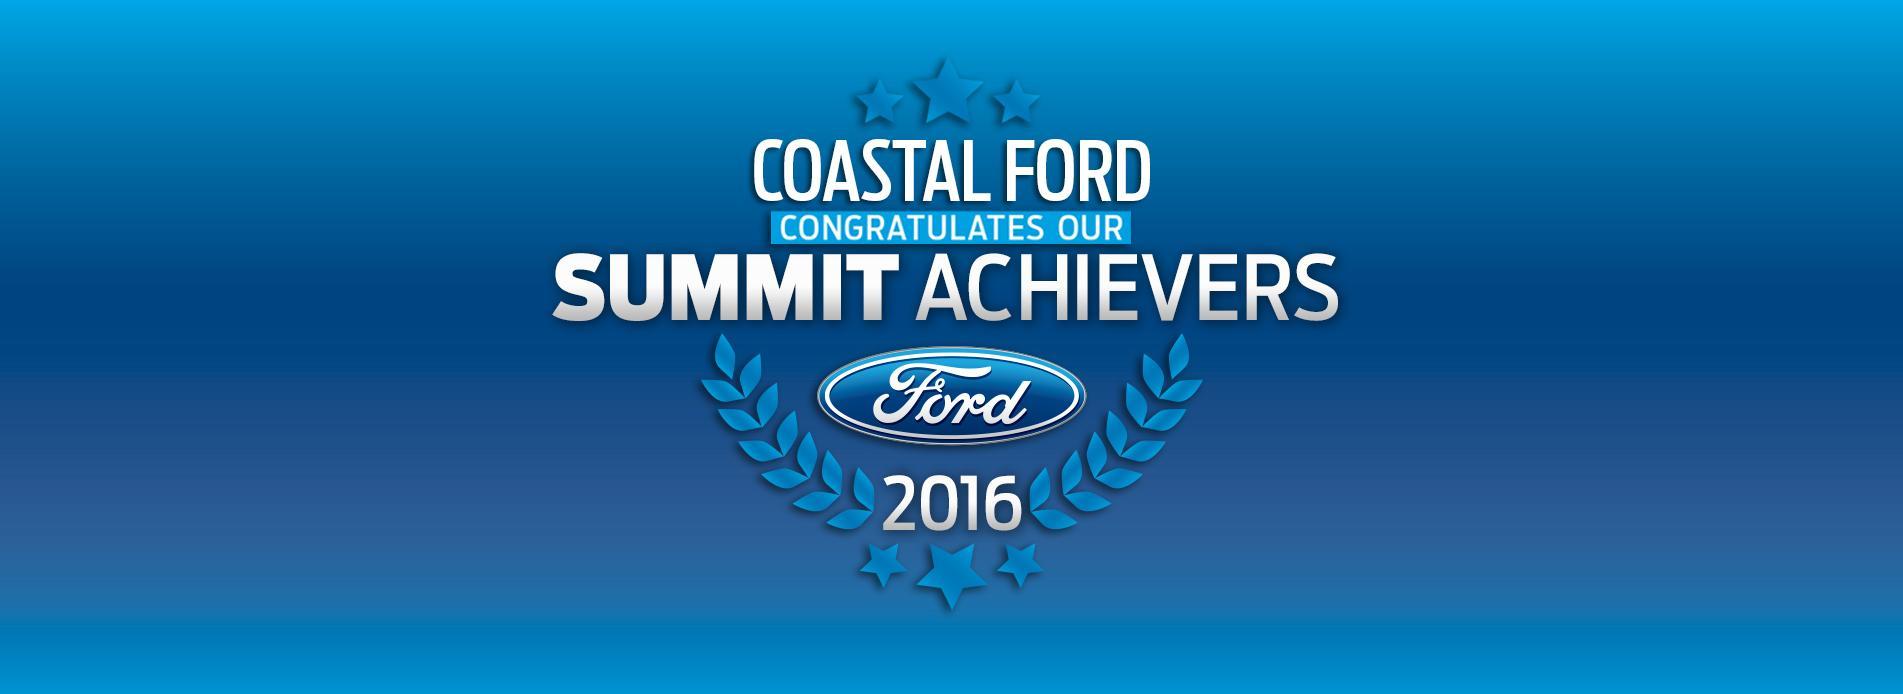 2016 Summit Achiever